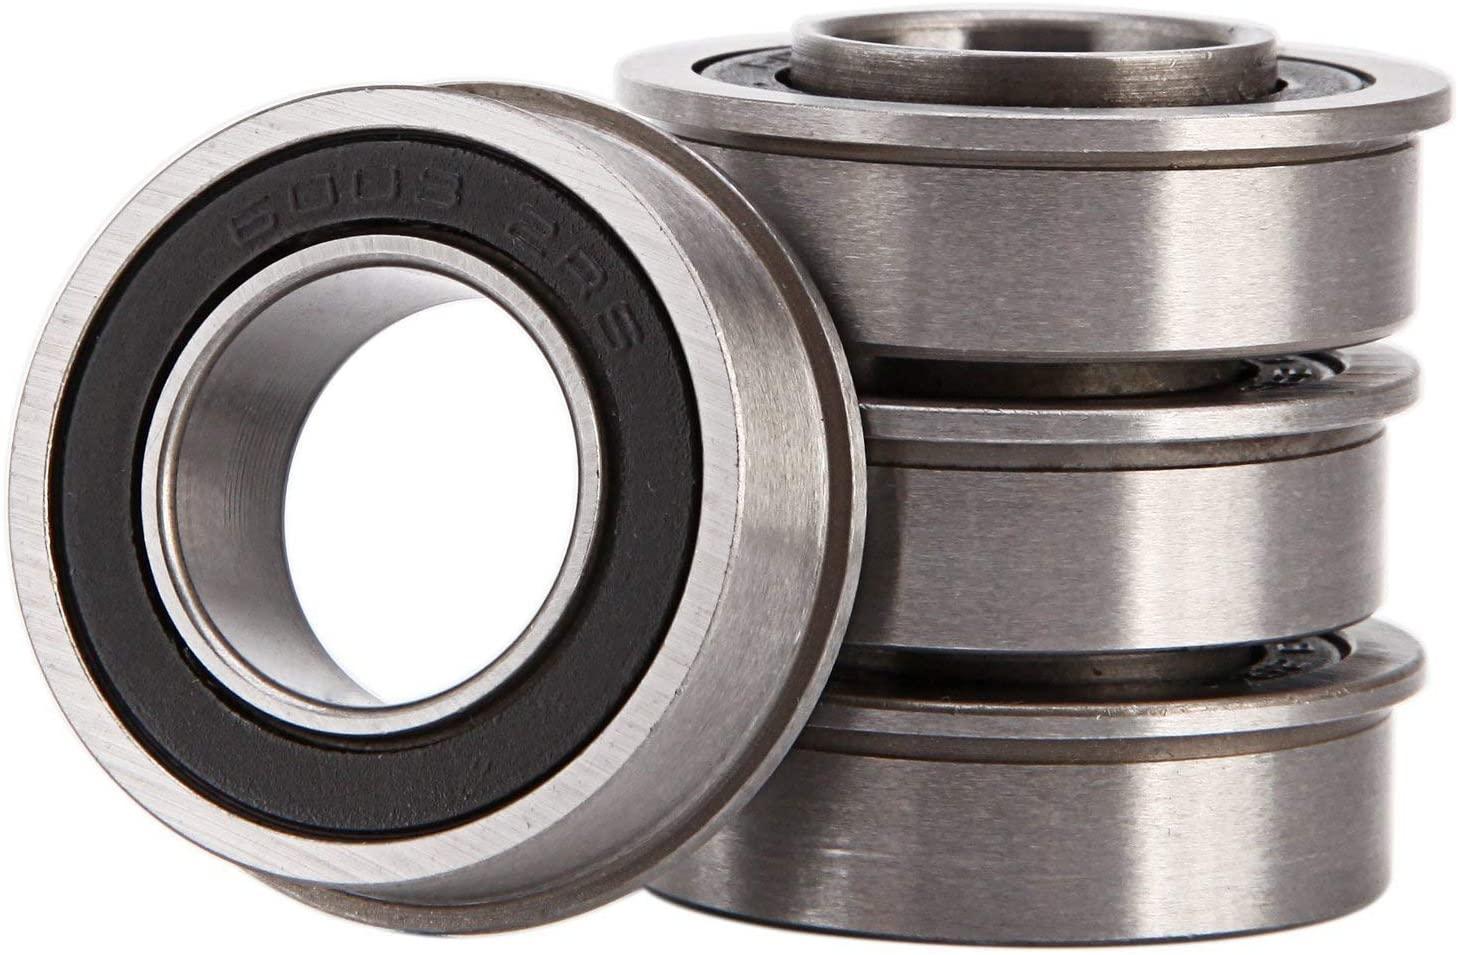 Modtek Ultra Smooth 5/8 Bearings, Pack of 4